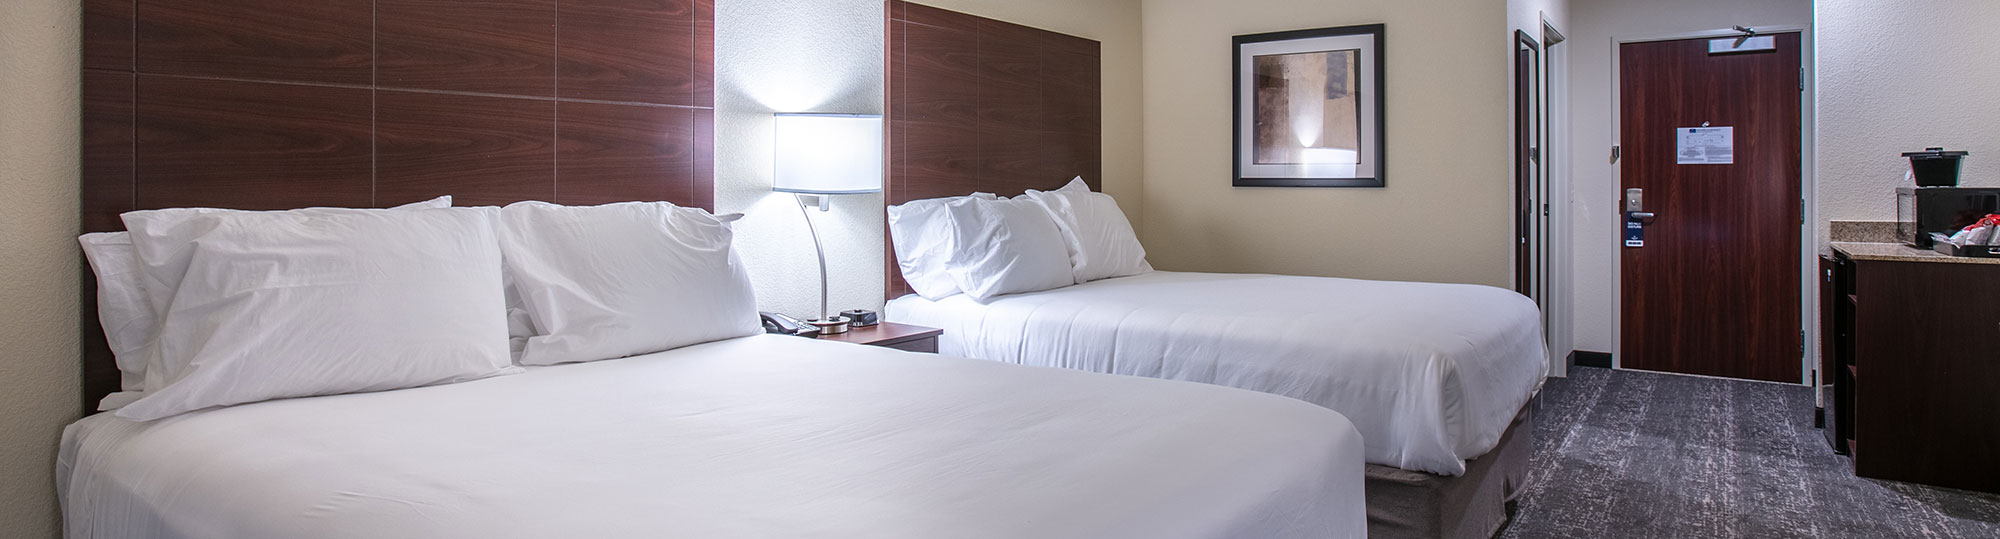 Cobblestone Inn & Suites Pine Bluffs